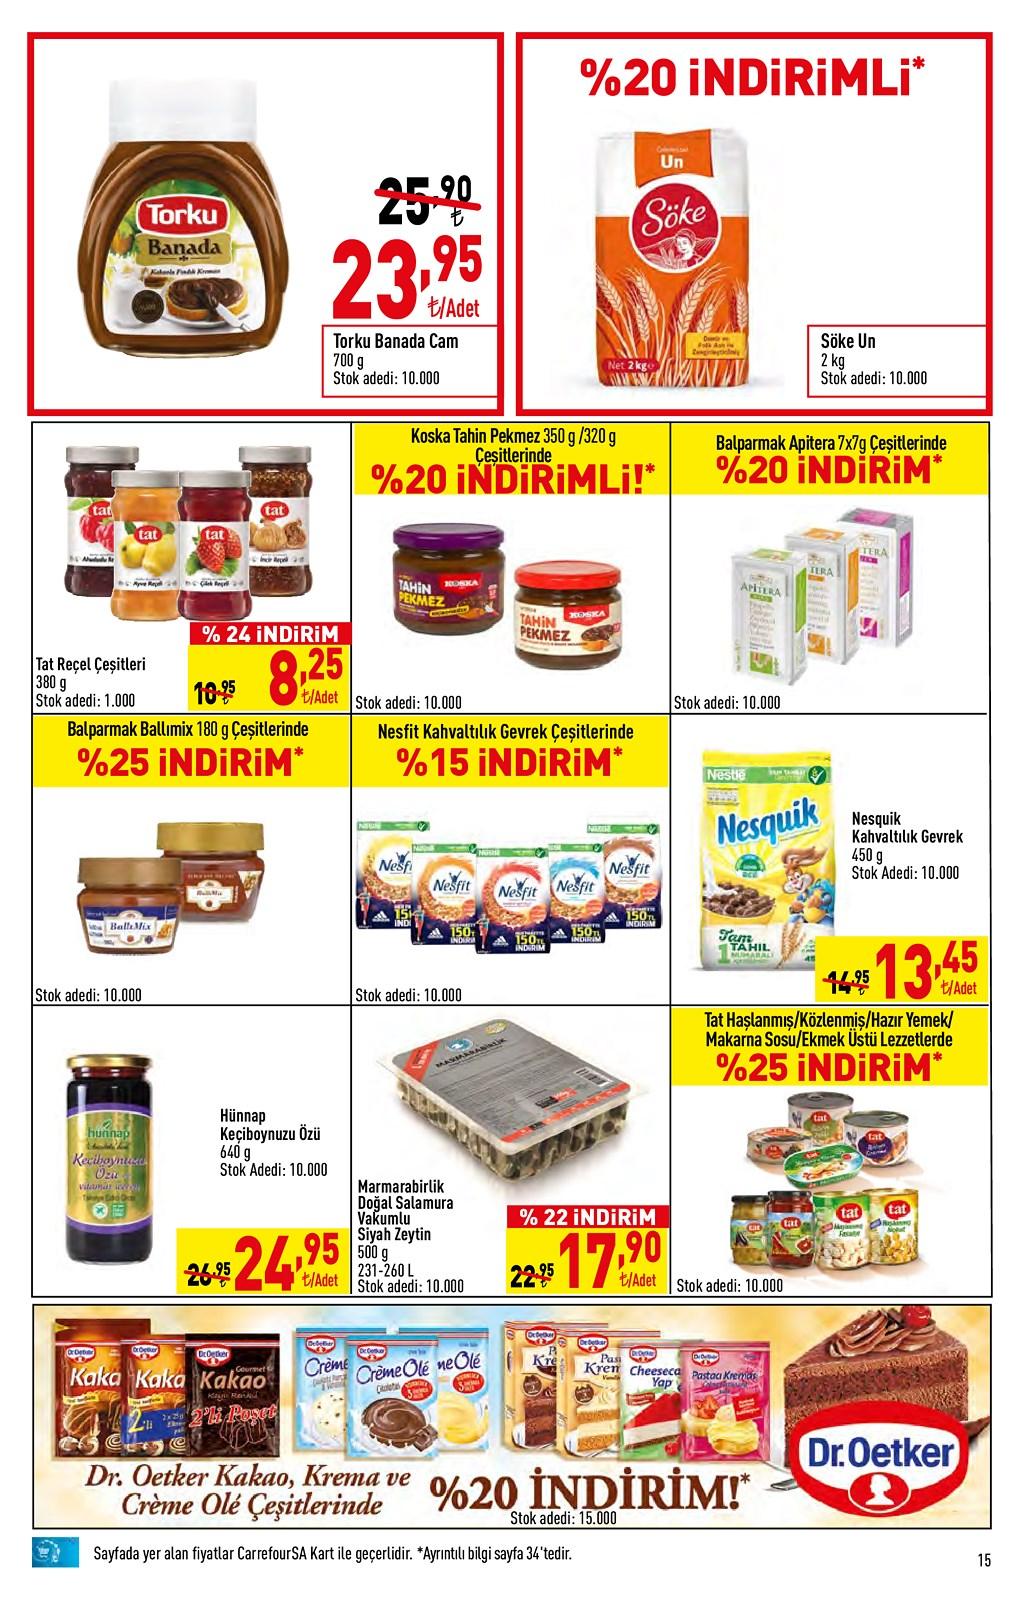 01.06.2021 CarrefourSA broşürü 15. sayfa